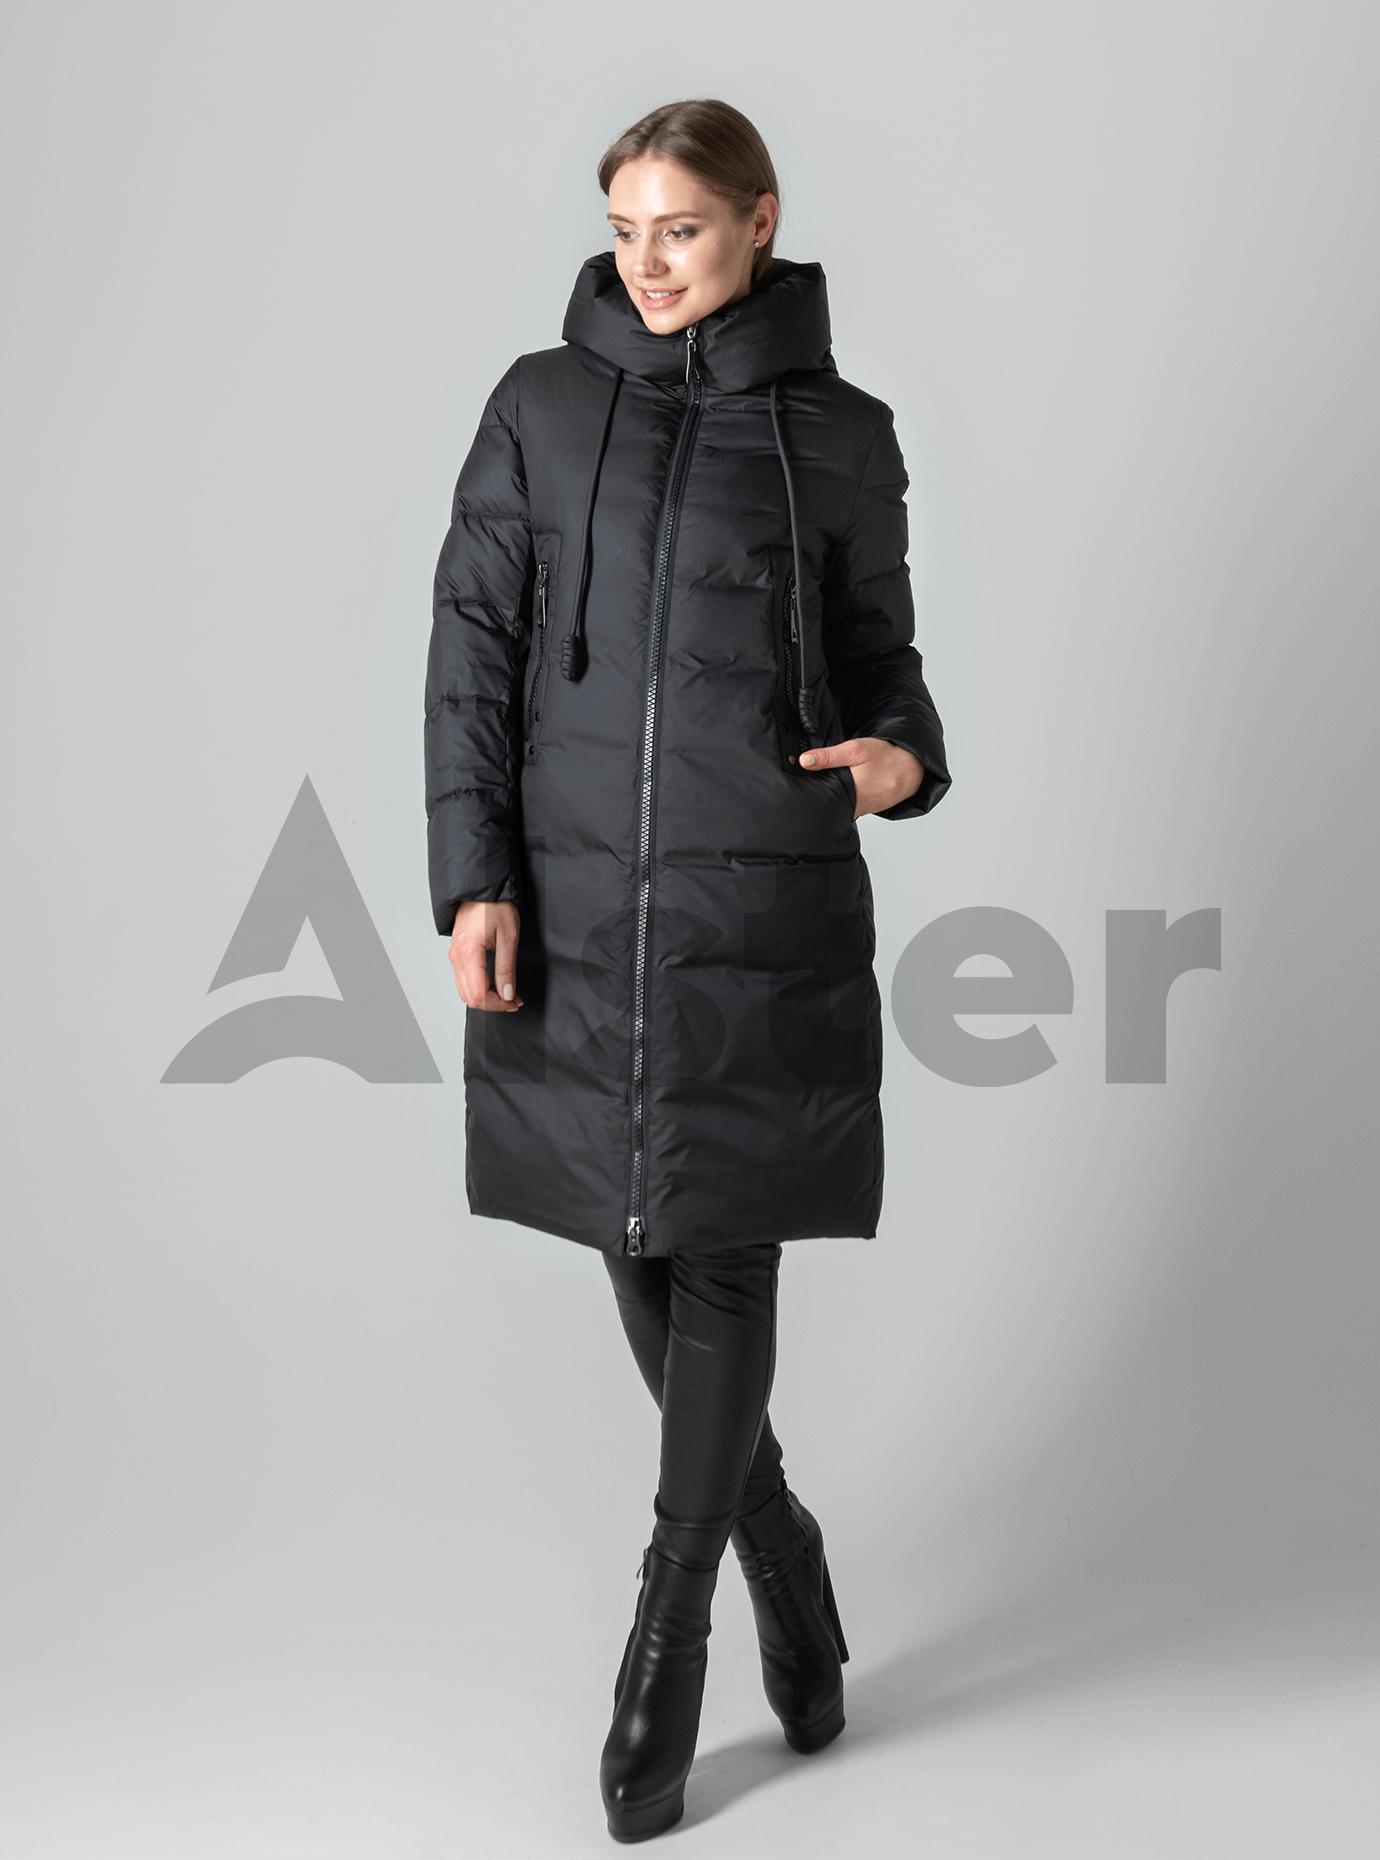 Классическая зимняя женская куртка Чёрный 2XL (02-190201): фото - Alster.ua